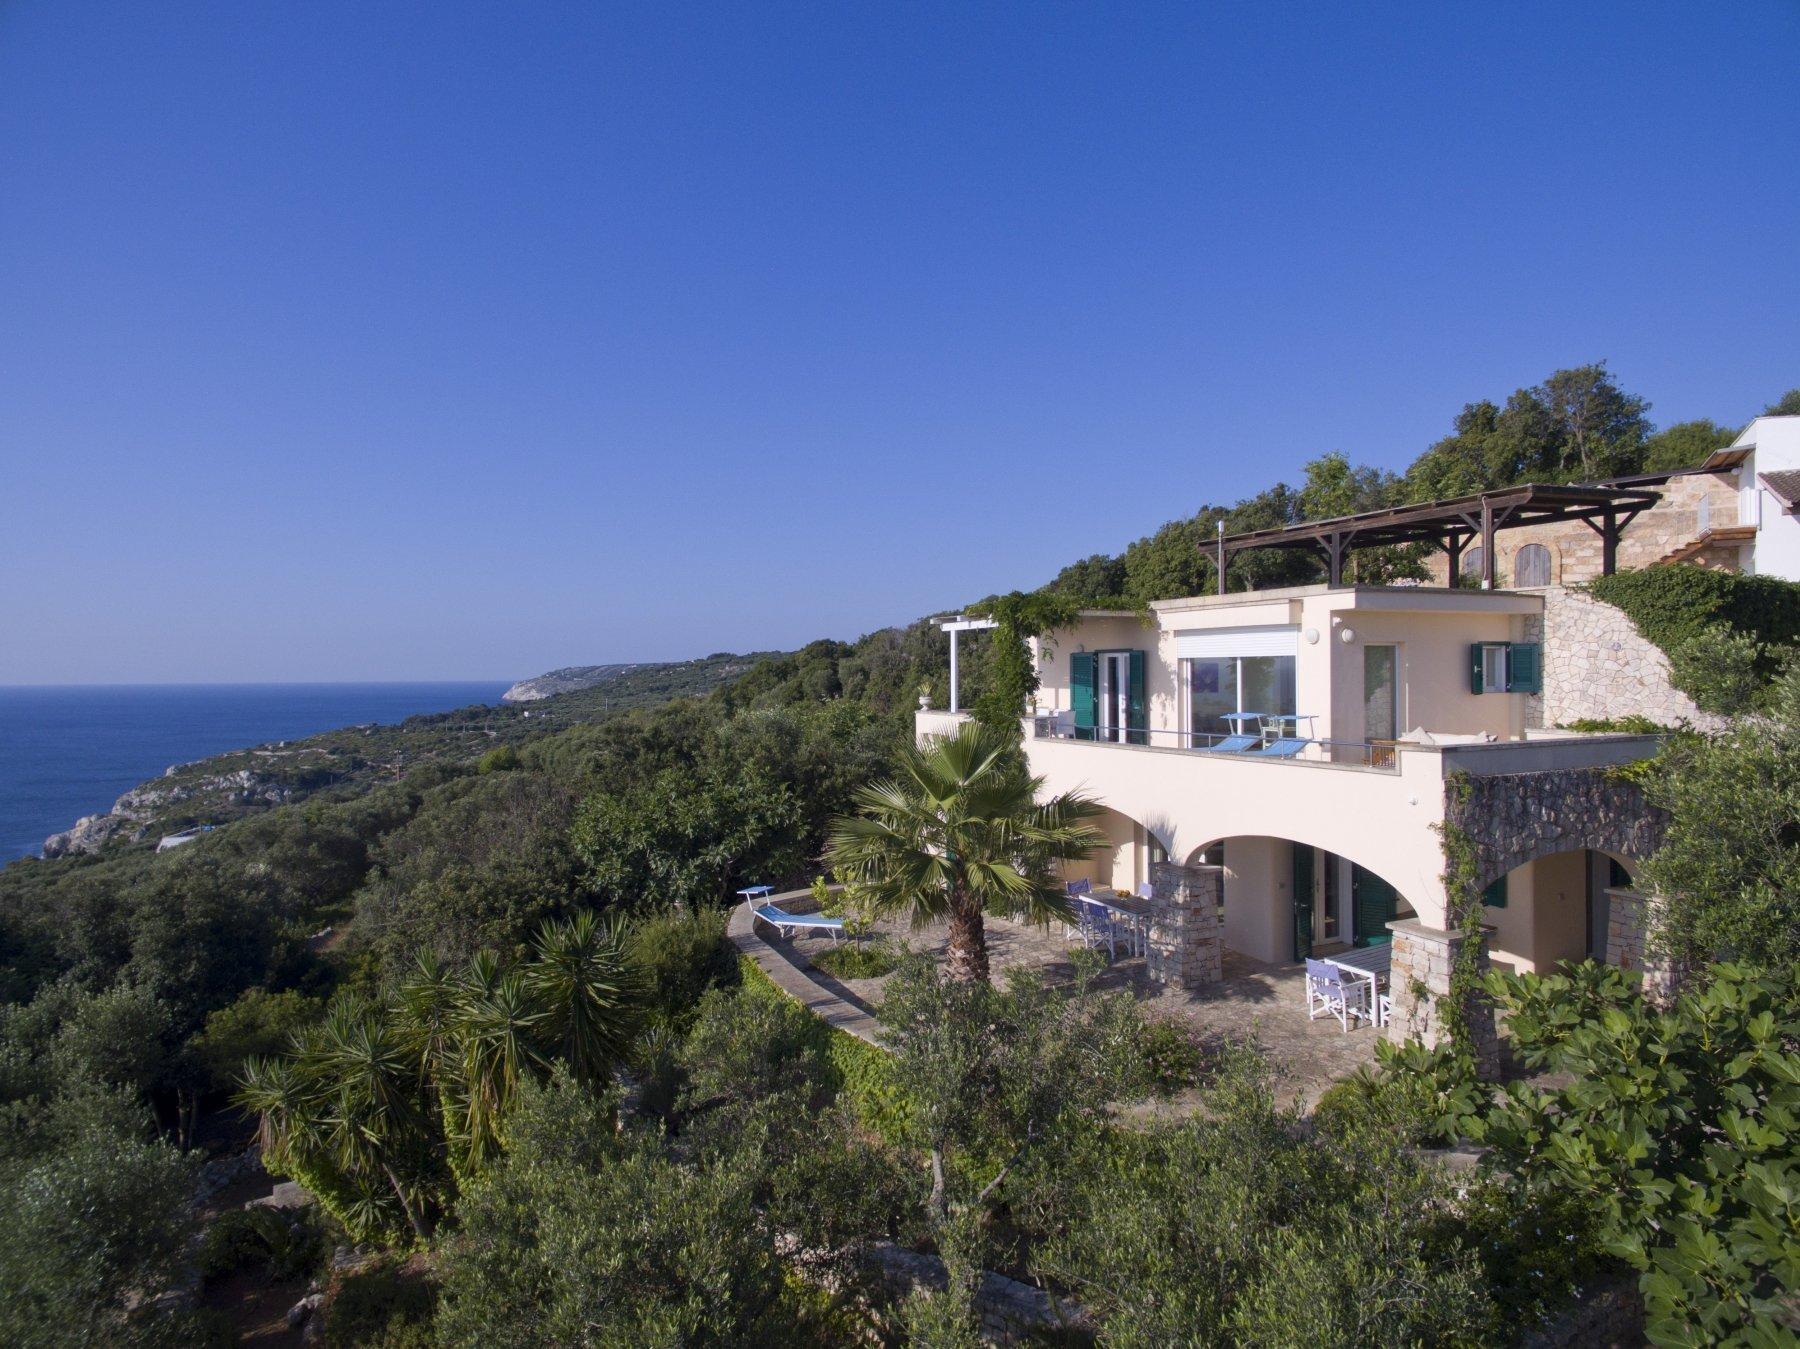 Villa in Gagliano del Capo, Apulia, Italy 1